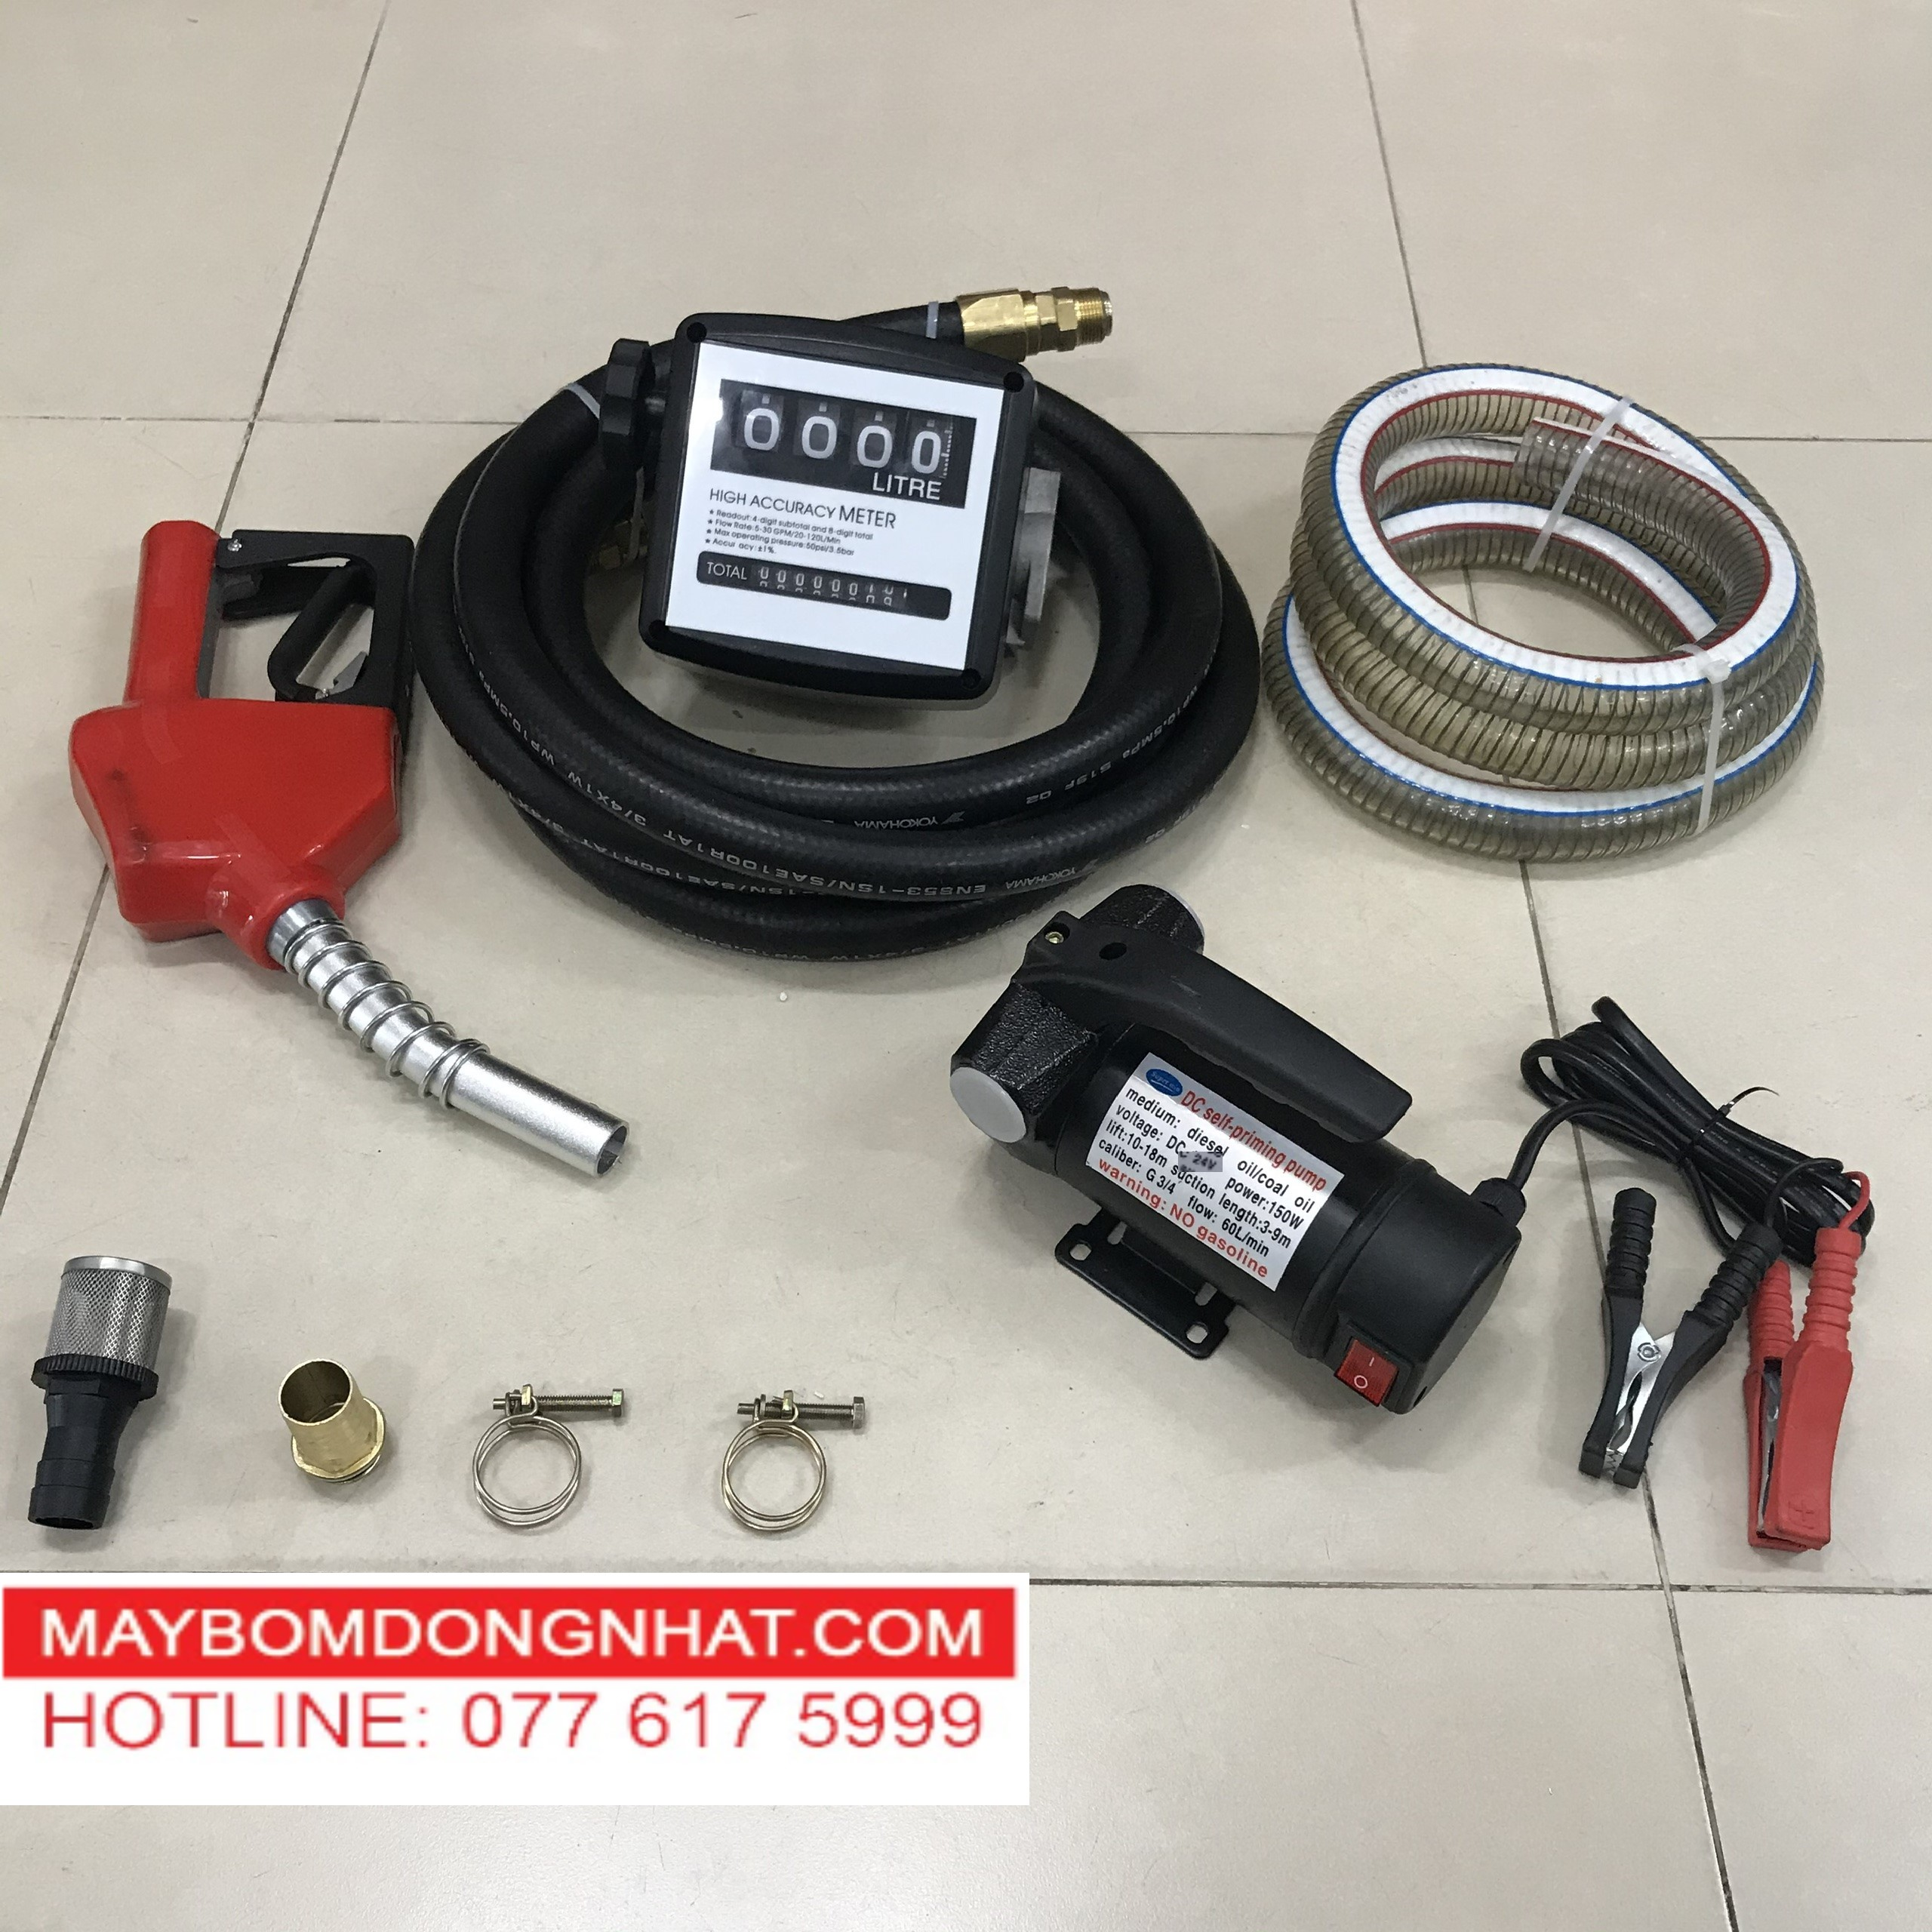 Bộ bơm dầu nhớt -LK 24V-150W-70L/P(Có đồng hồ đo lưu lượng)